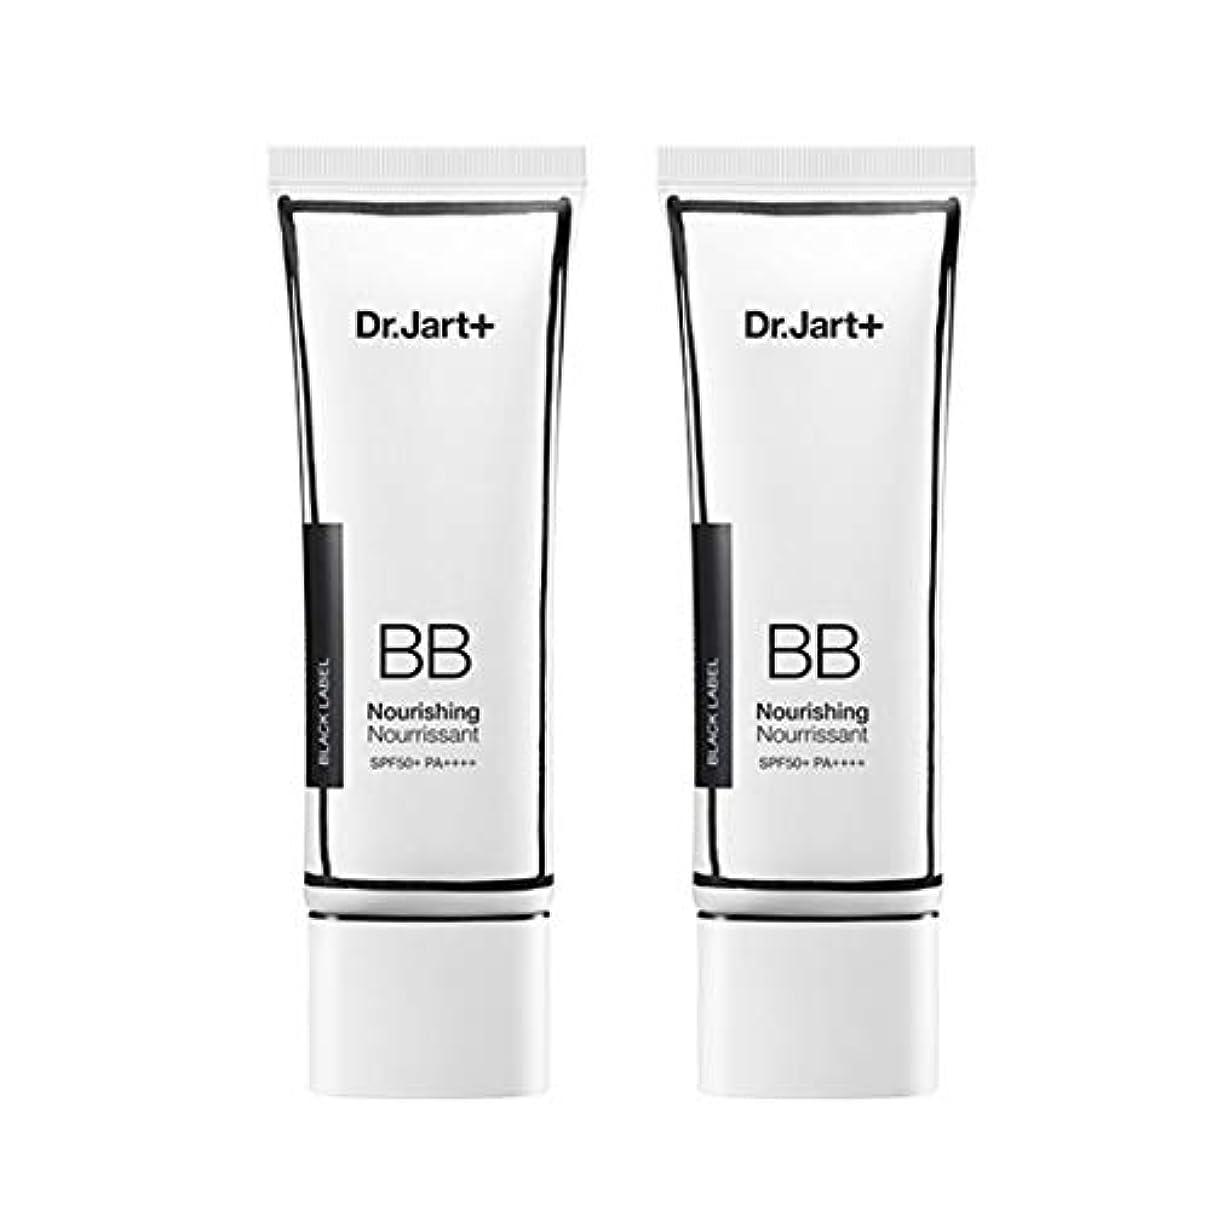 変換するばかげた首謀者ドクタージャルトゥザメイクアップノリシンビューティーbalm 50ml x 2本セットBBクリーム、Dr.Jart Dermakeup Nourishing Beauty Balm 50ml x 2ea Set BB Cream...